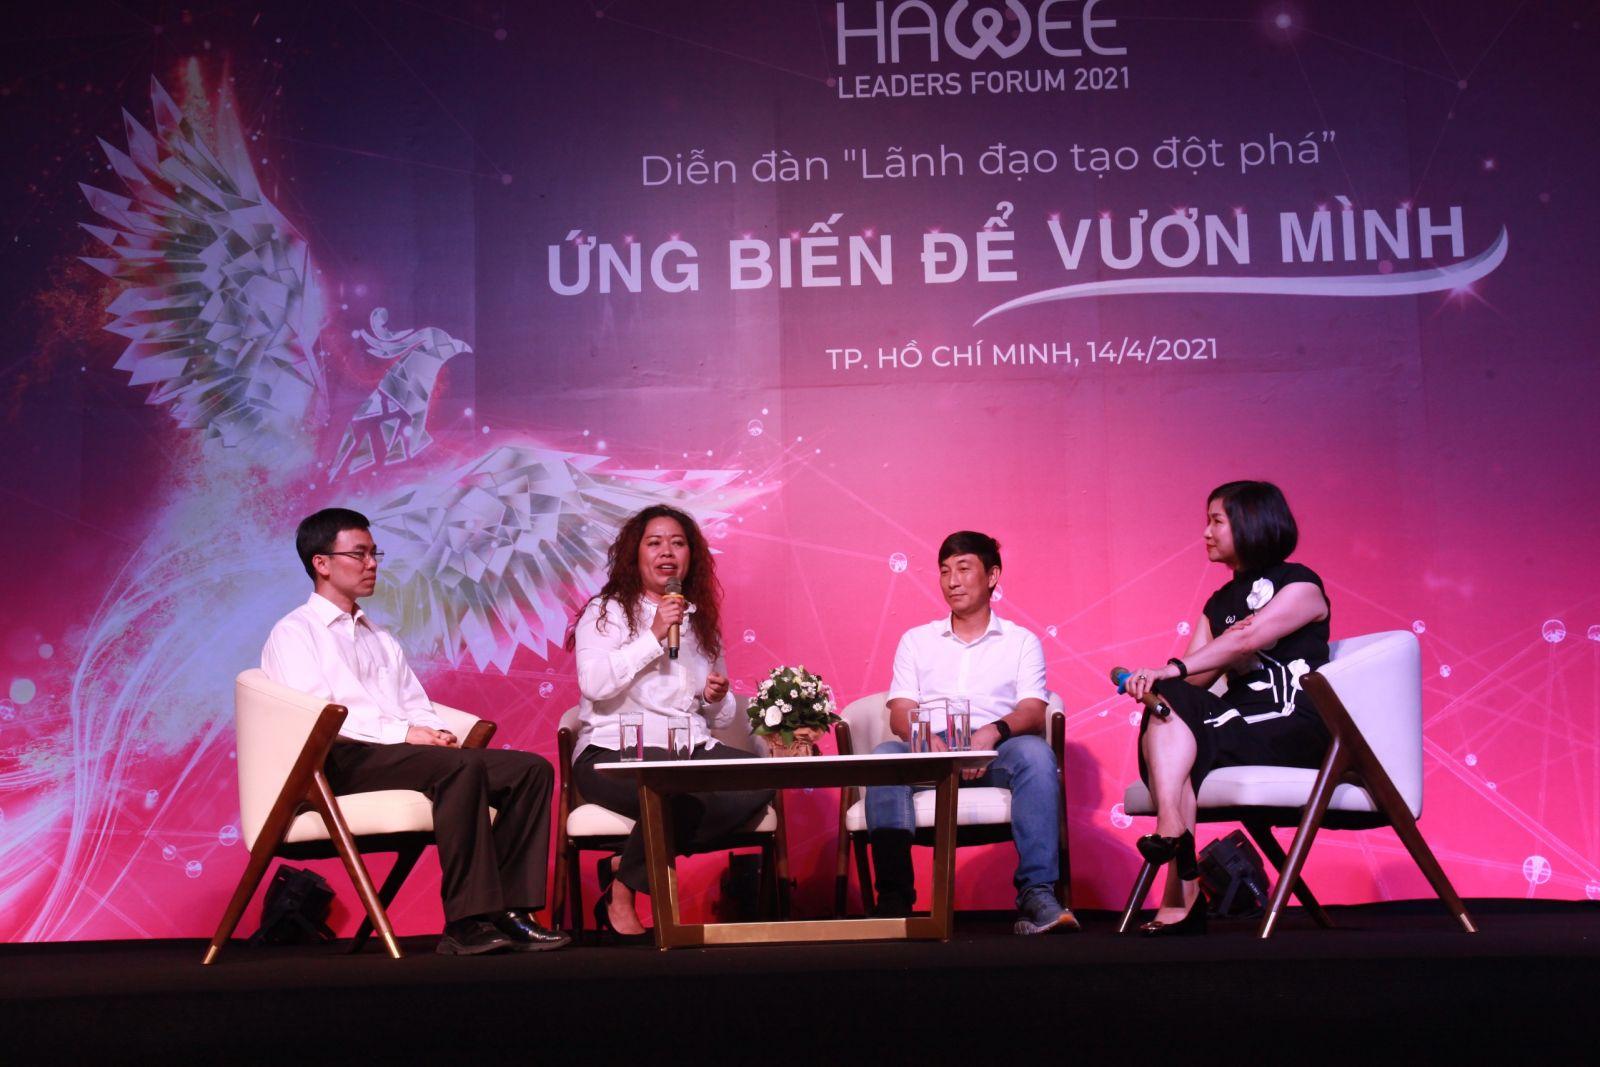 Phiên thảo luận tại diễn đàn với các diễn giả: bà Nguyễn Thị Bích Vân - Chủ tịch Unilever Việt Nam (thứ 2 bên trái); ông Nguyễn Hoành Tiến - CEO Seedcom (thứ 2 bên phải); ông Lý Huy Sáng - Phó TGĐ Công ty gốm sứ Minh Long (bìa trái) và Điều phối phiên thảo luận là bà Huỳnh Thị Xuân Liên - PCT HAWEE, PCT VMA, Thành viên HĐQT PNJ